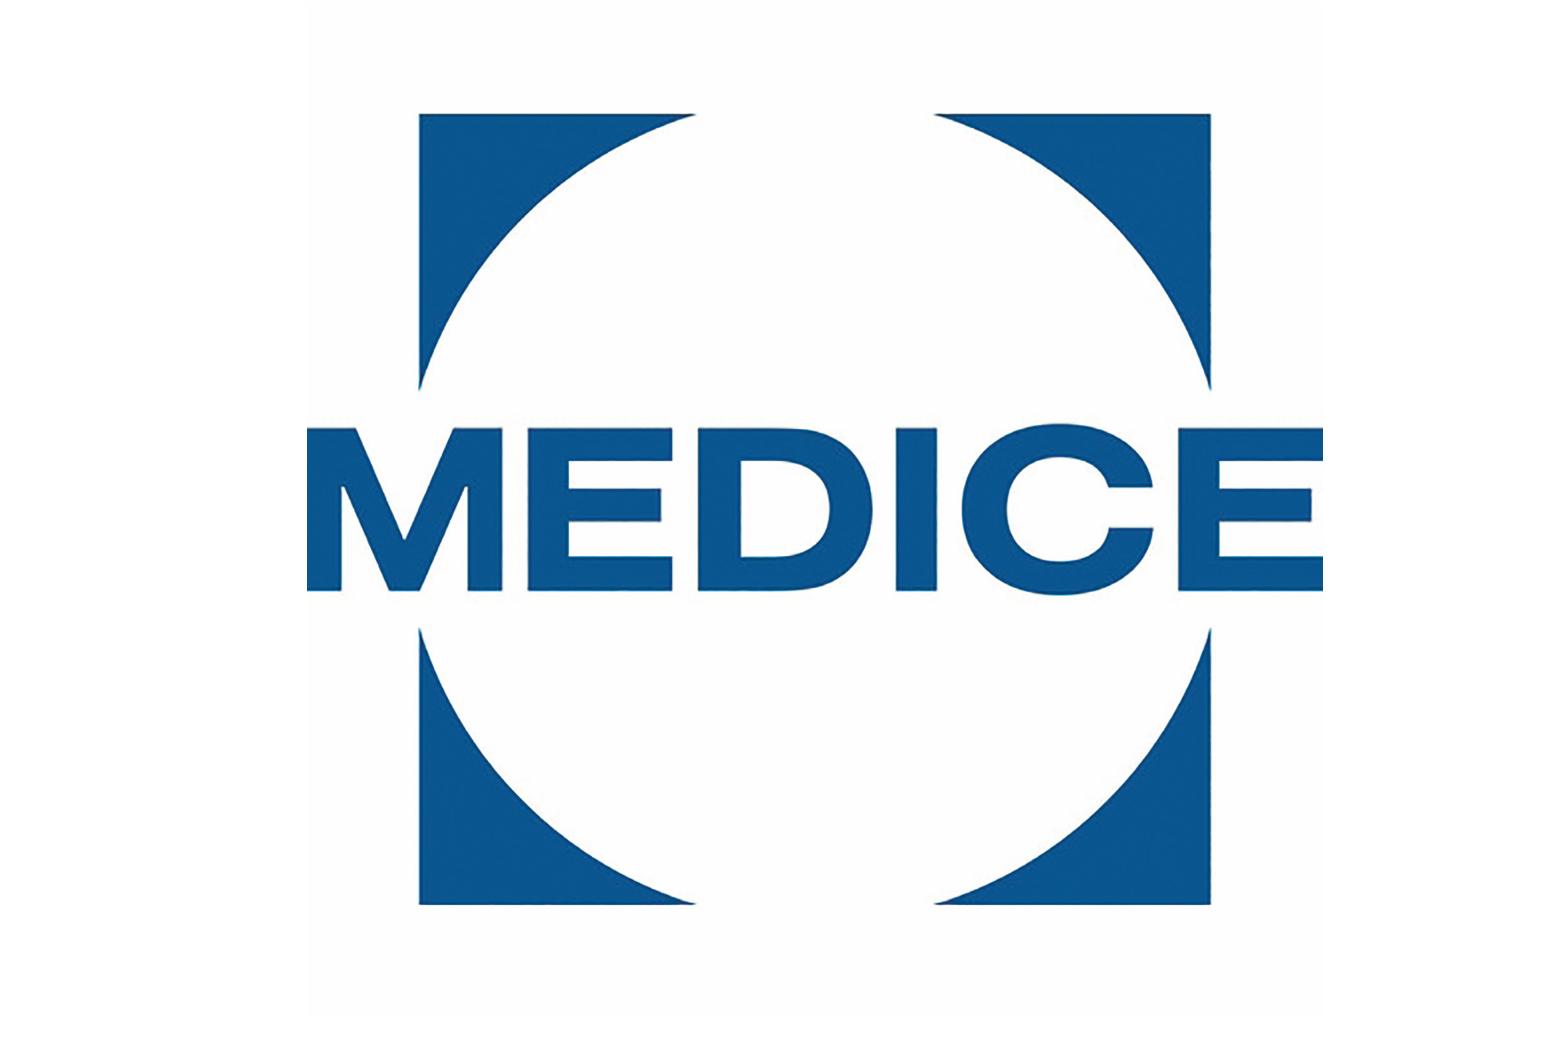 medice-150